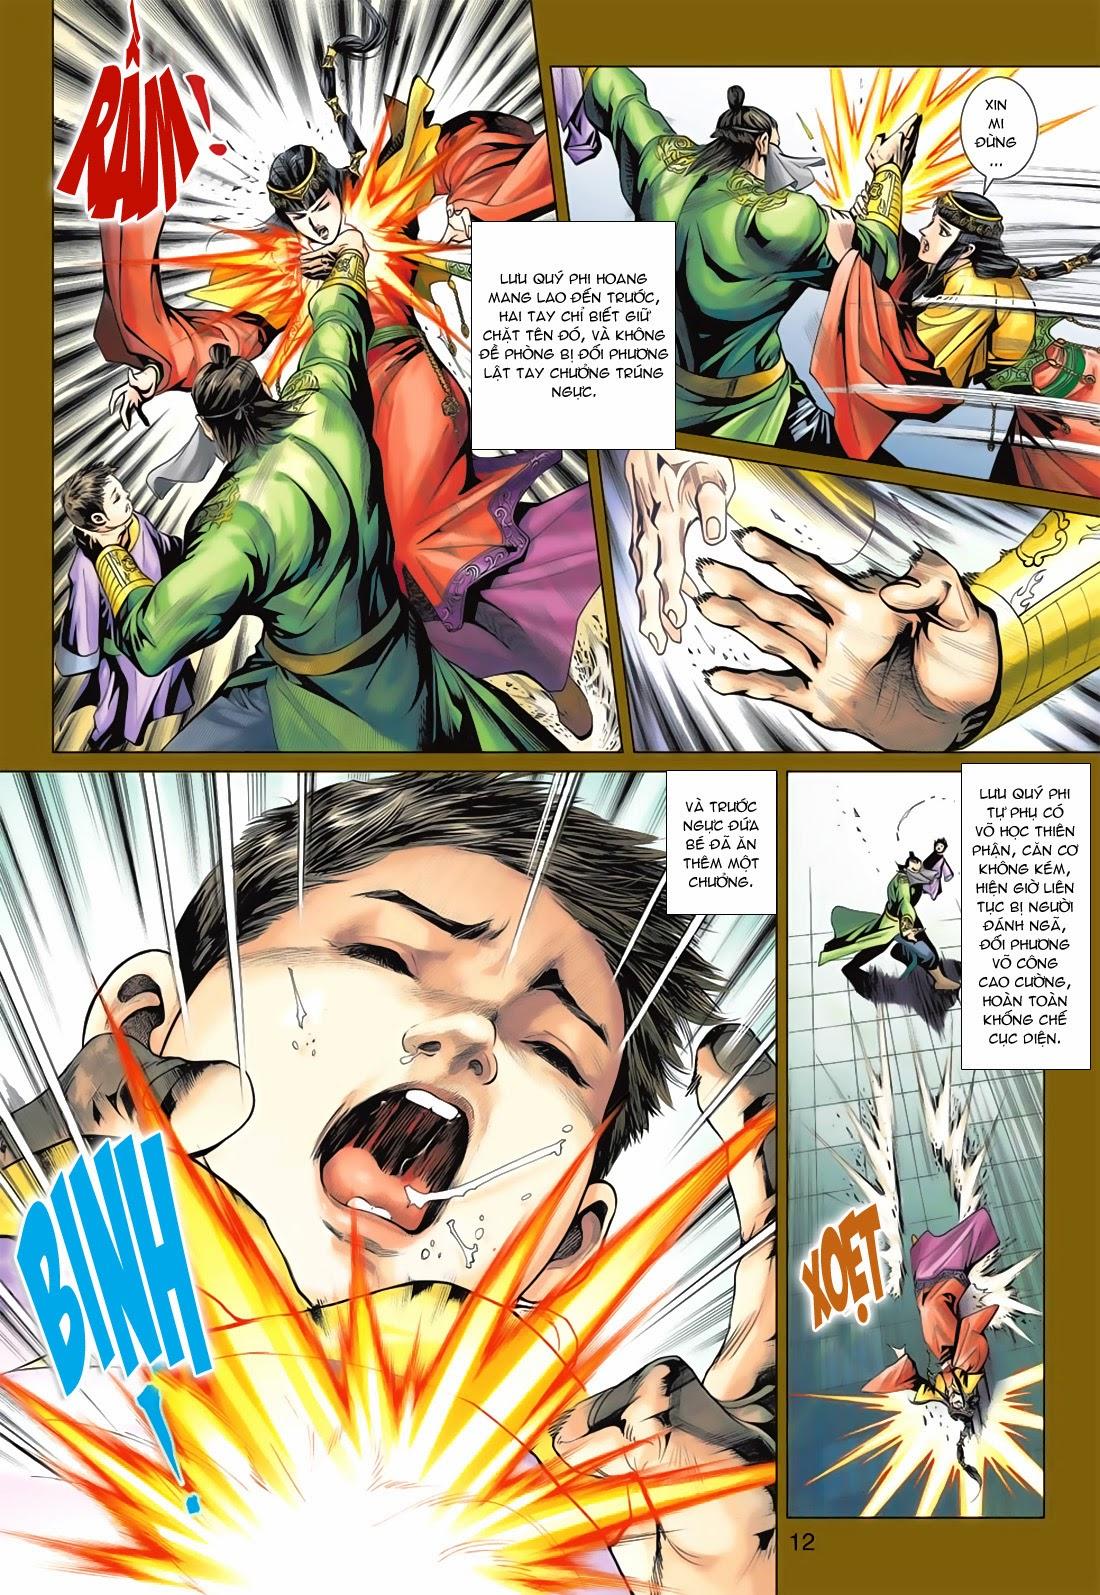 Anh Hùng Xạ Điêu anh hùng xạ đêu chap 78: sát anh trang 12